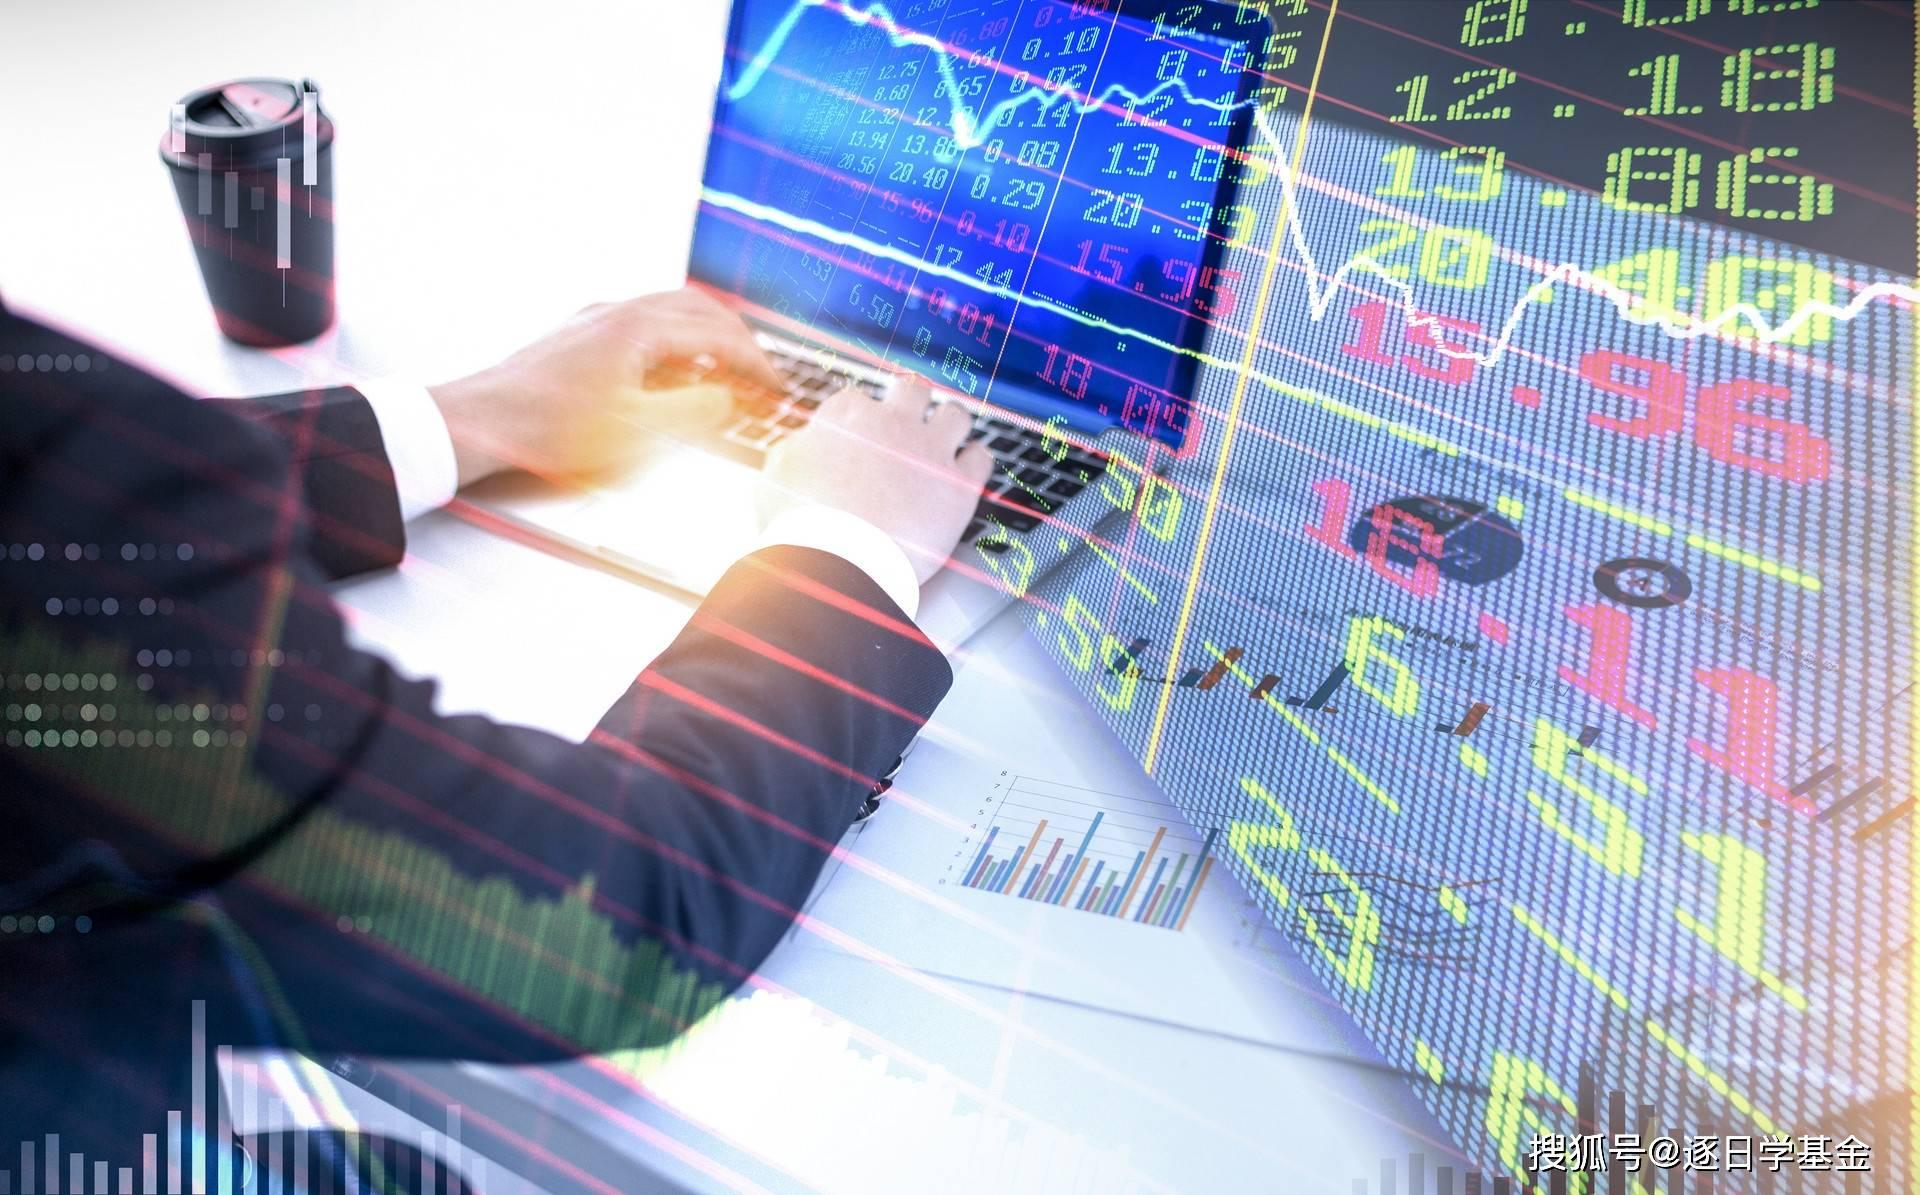 「如何选择股票」易会满关注基金赚钱基民不赚钱,基金投资者应